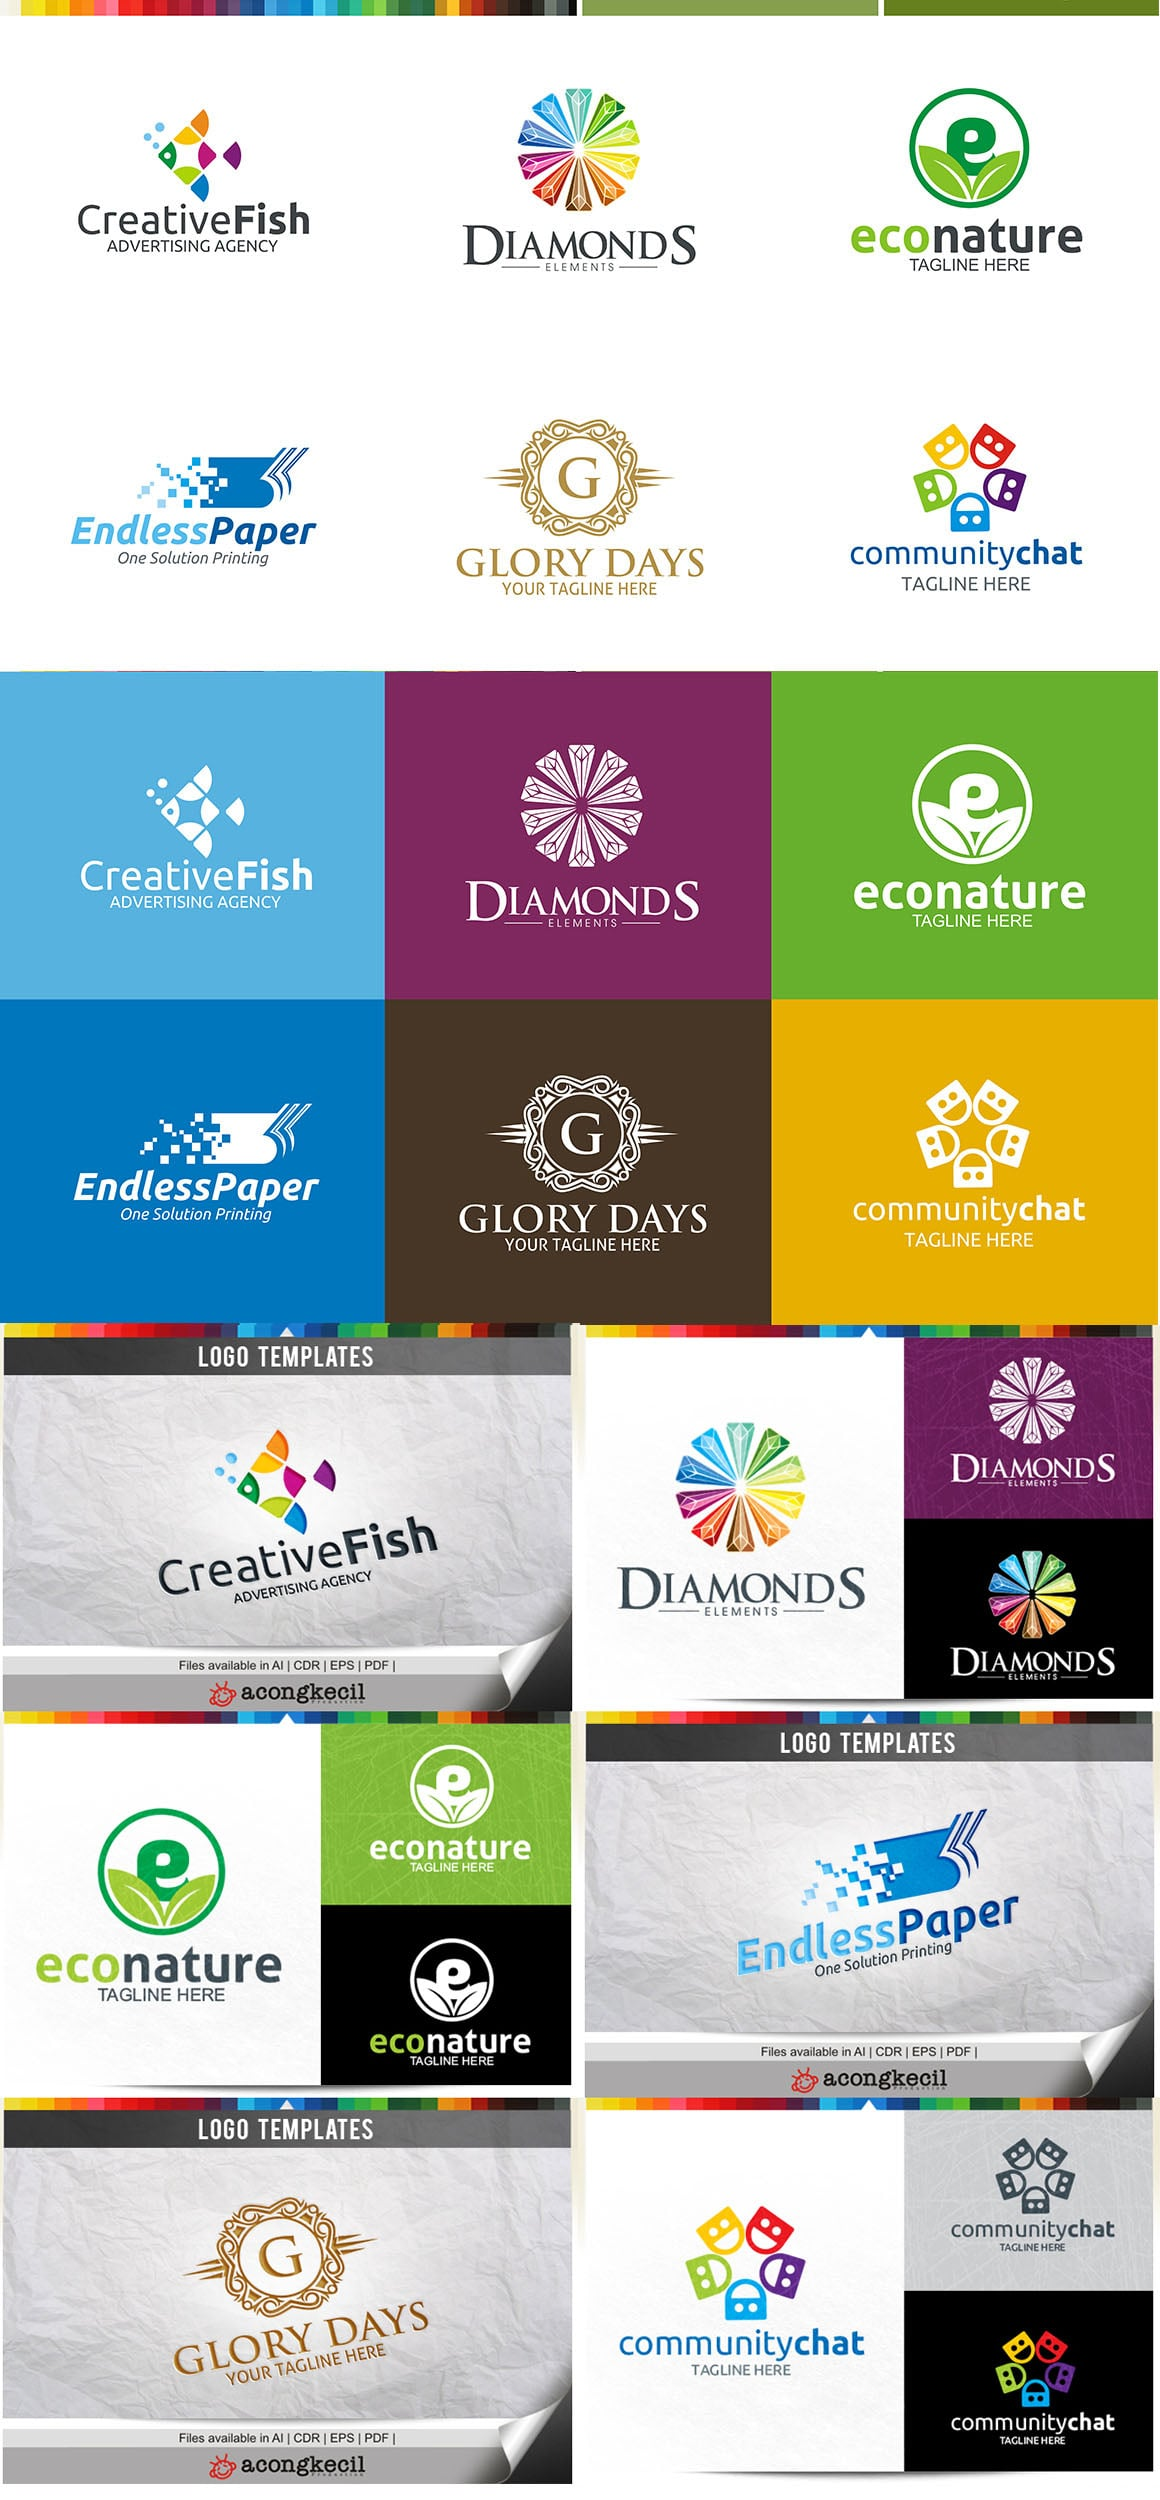 446 Business Logo Bundle - 99%+ OFF - Bundle 03 Preview5a